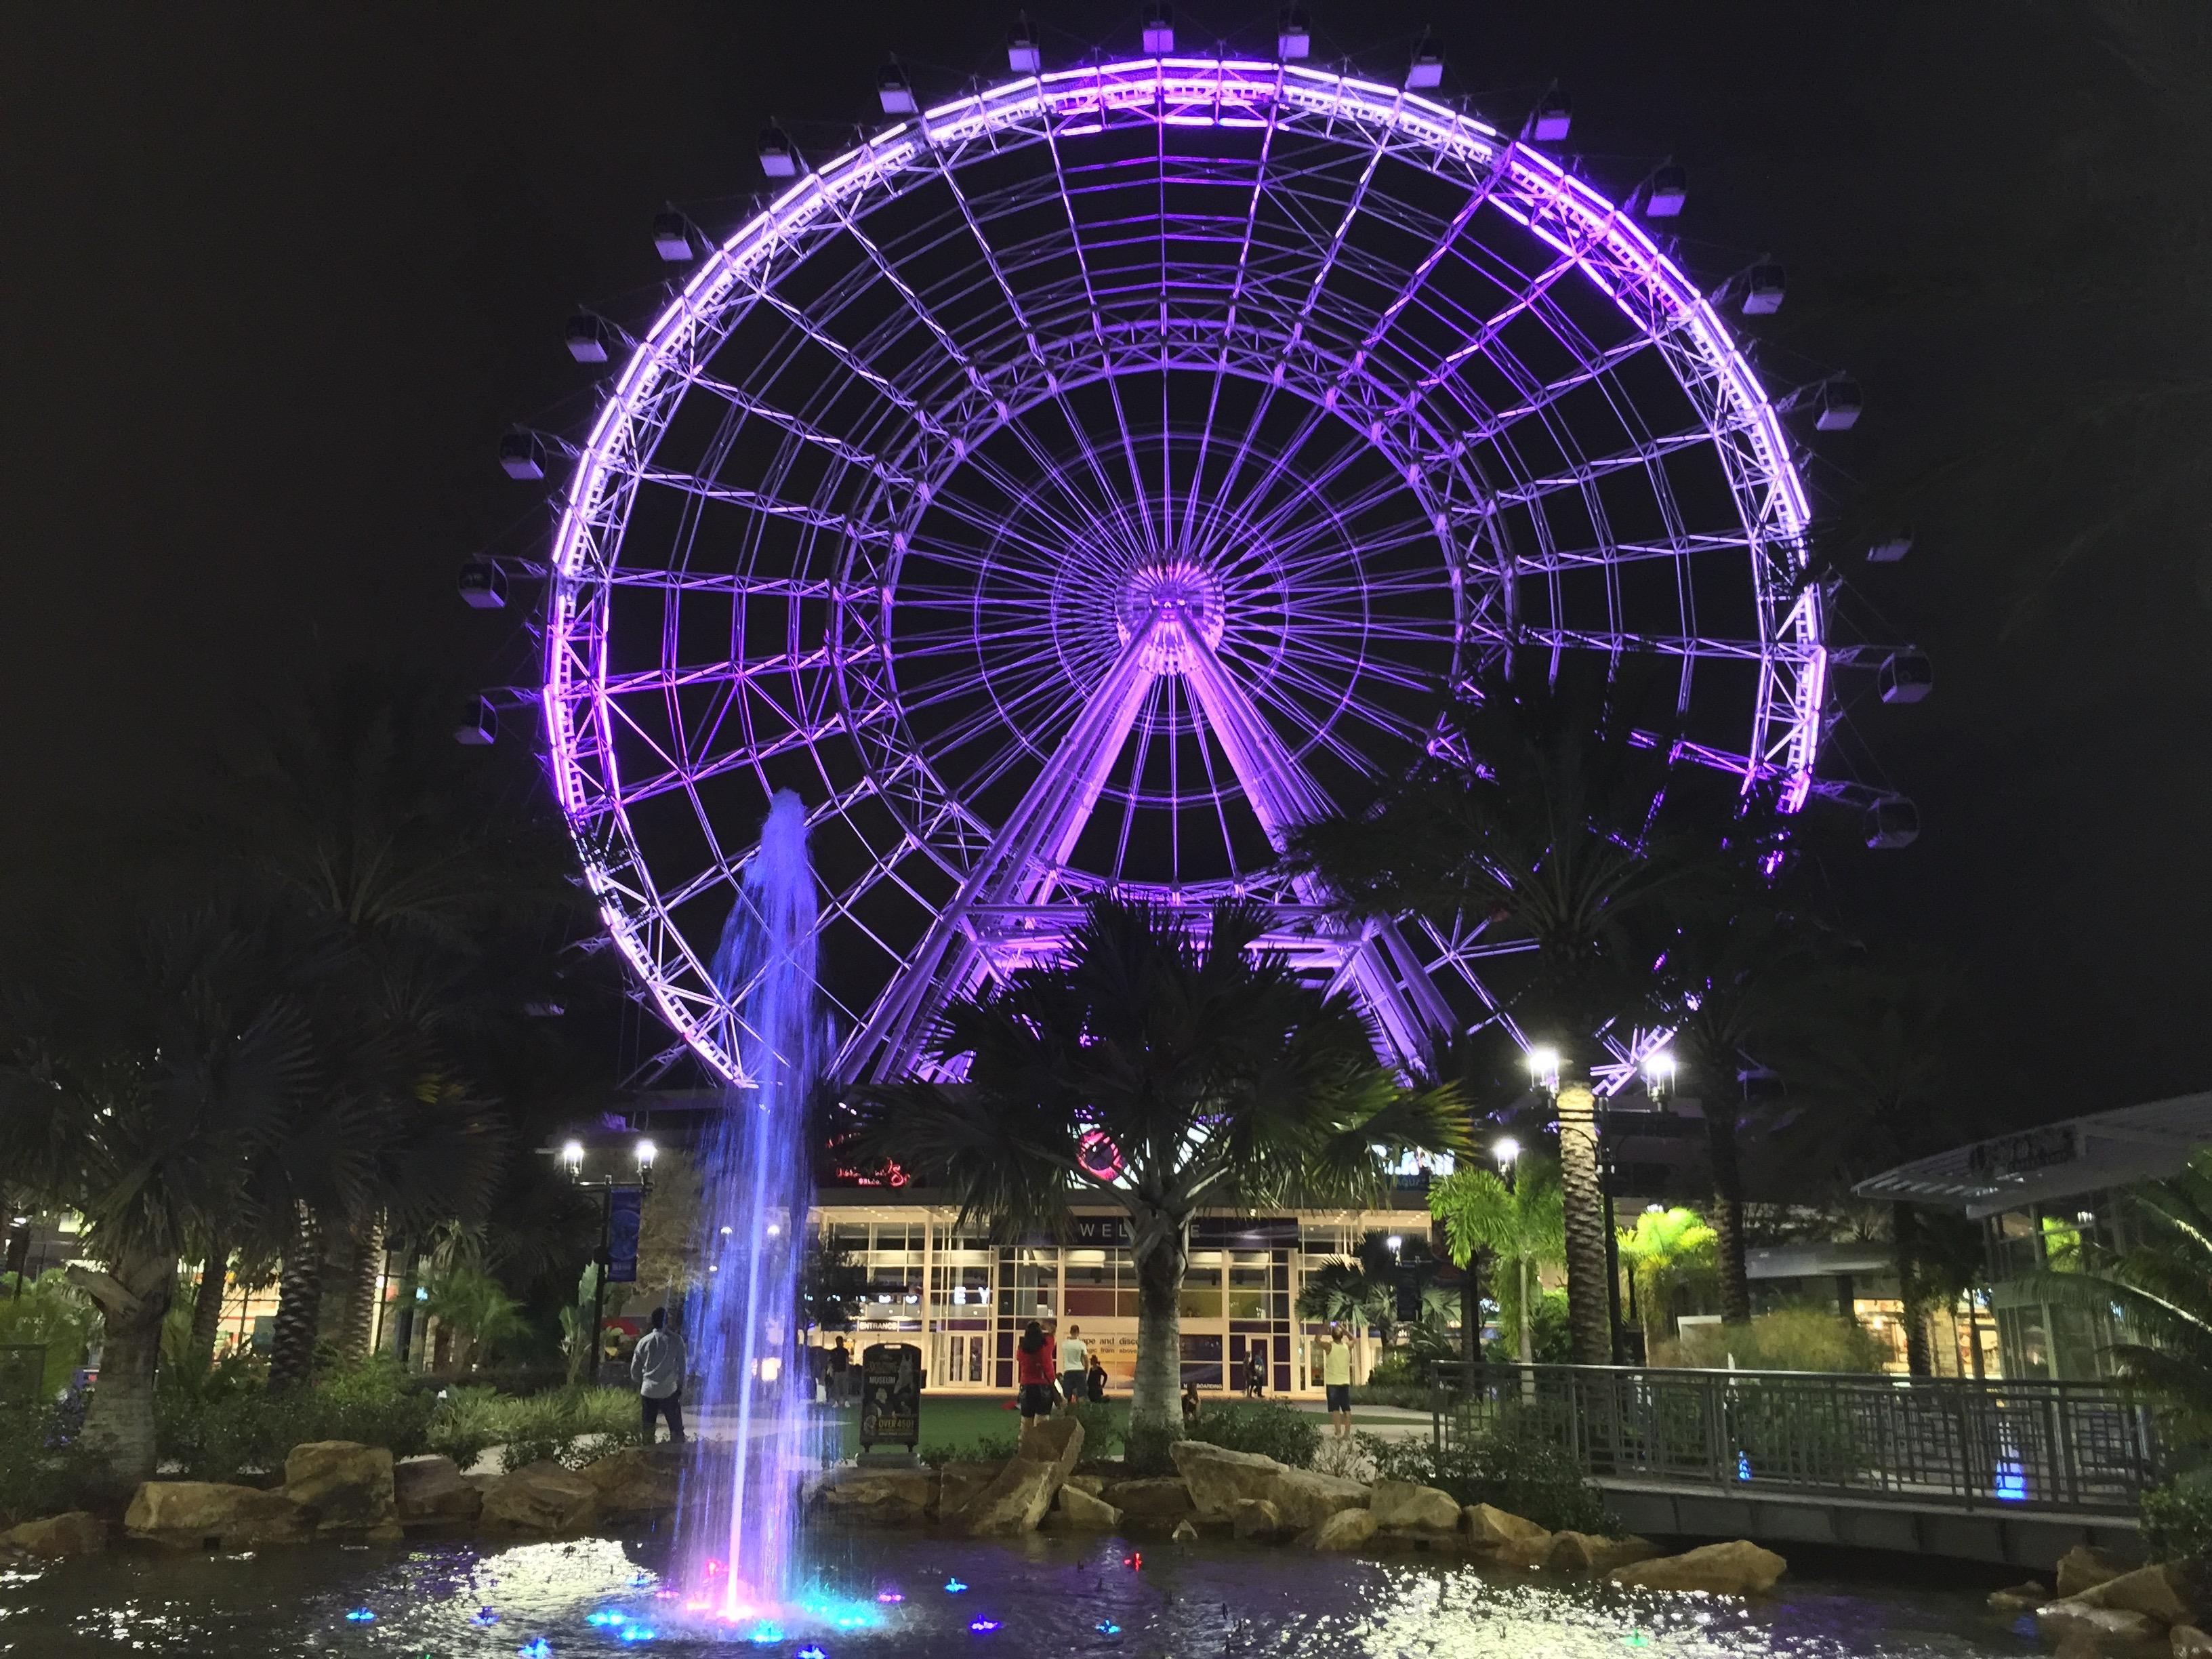 [Floride] Jour 1 : C'est les vacances, 1er jour de repos 170